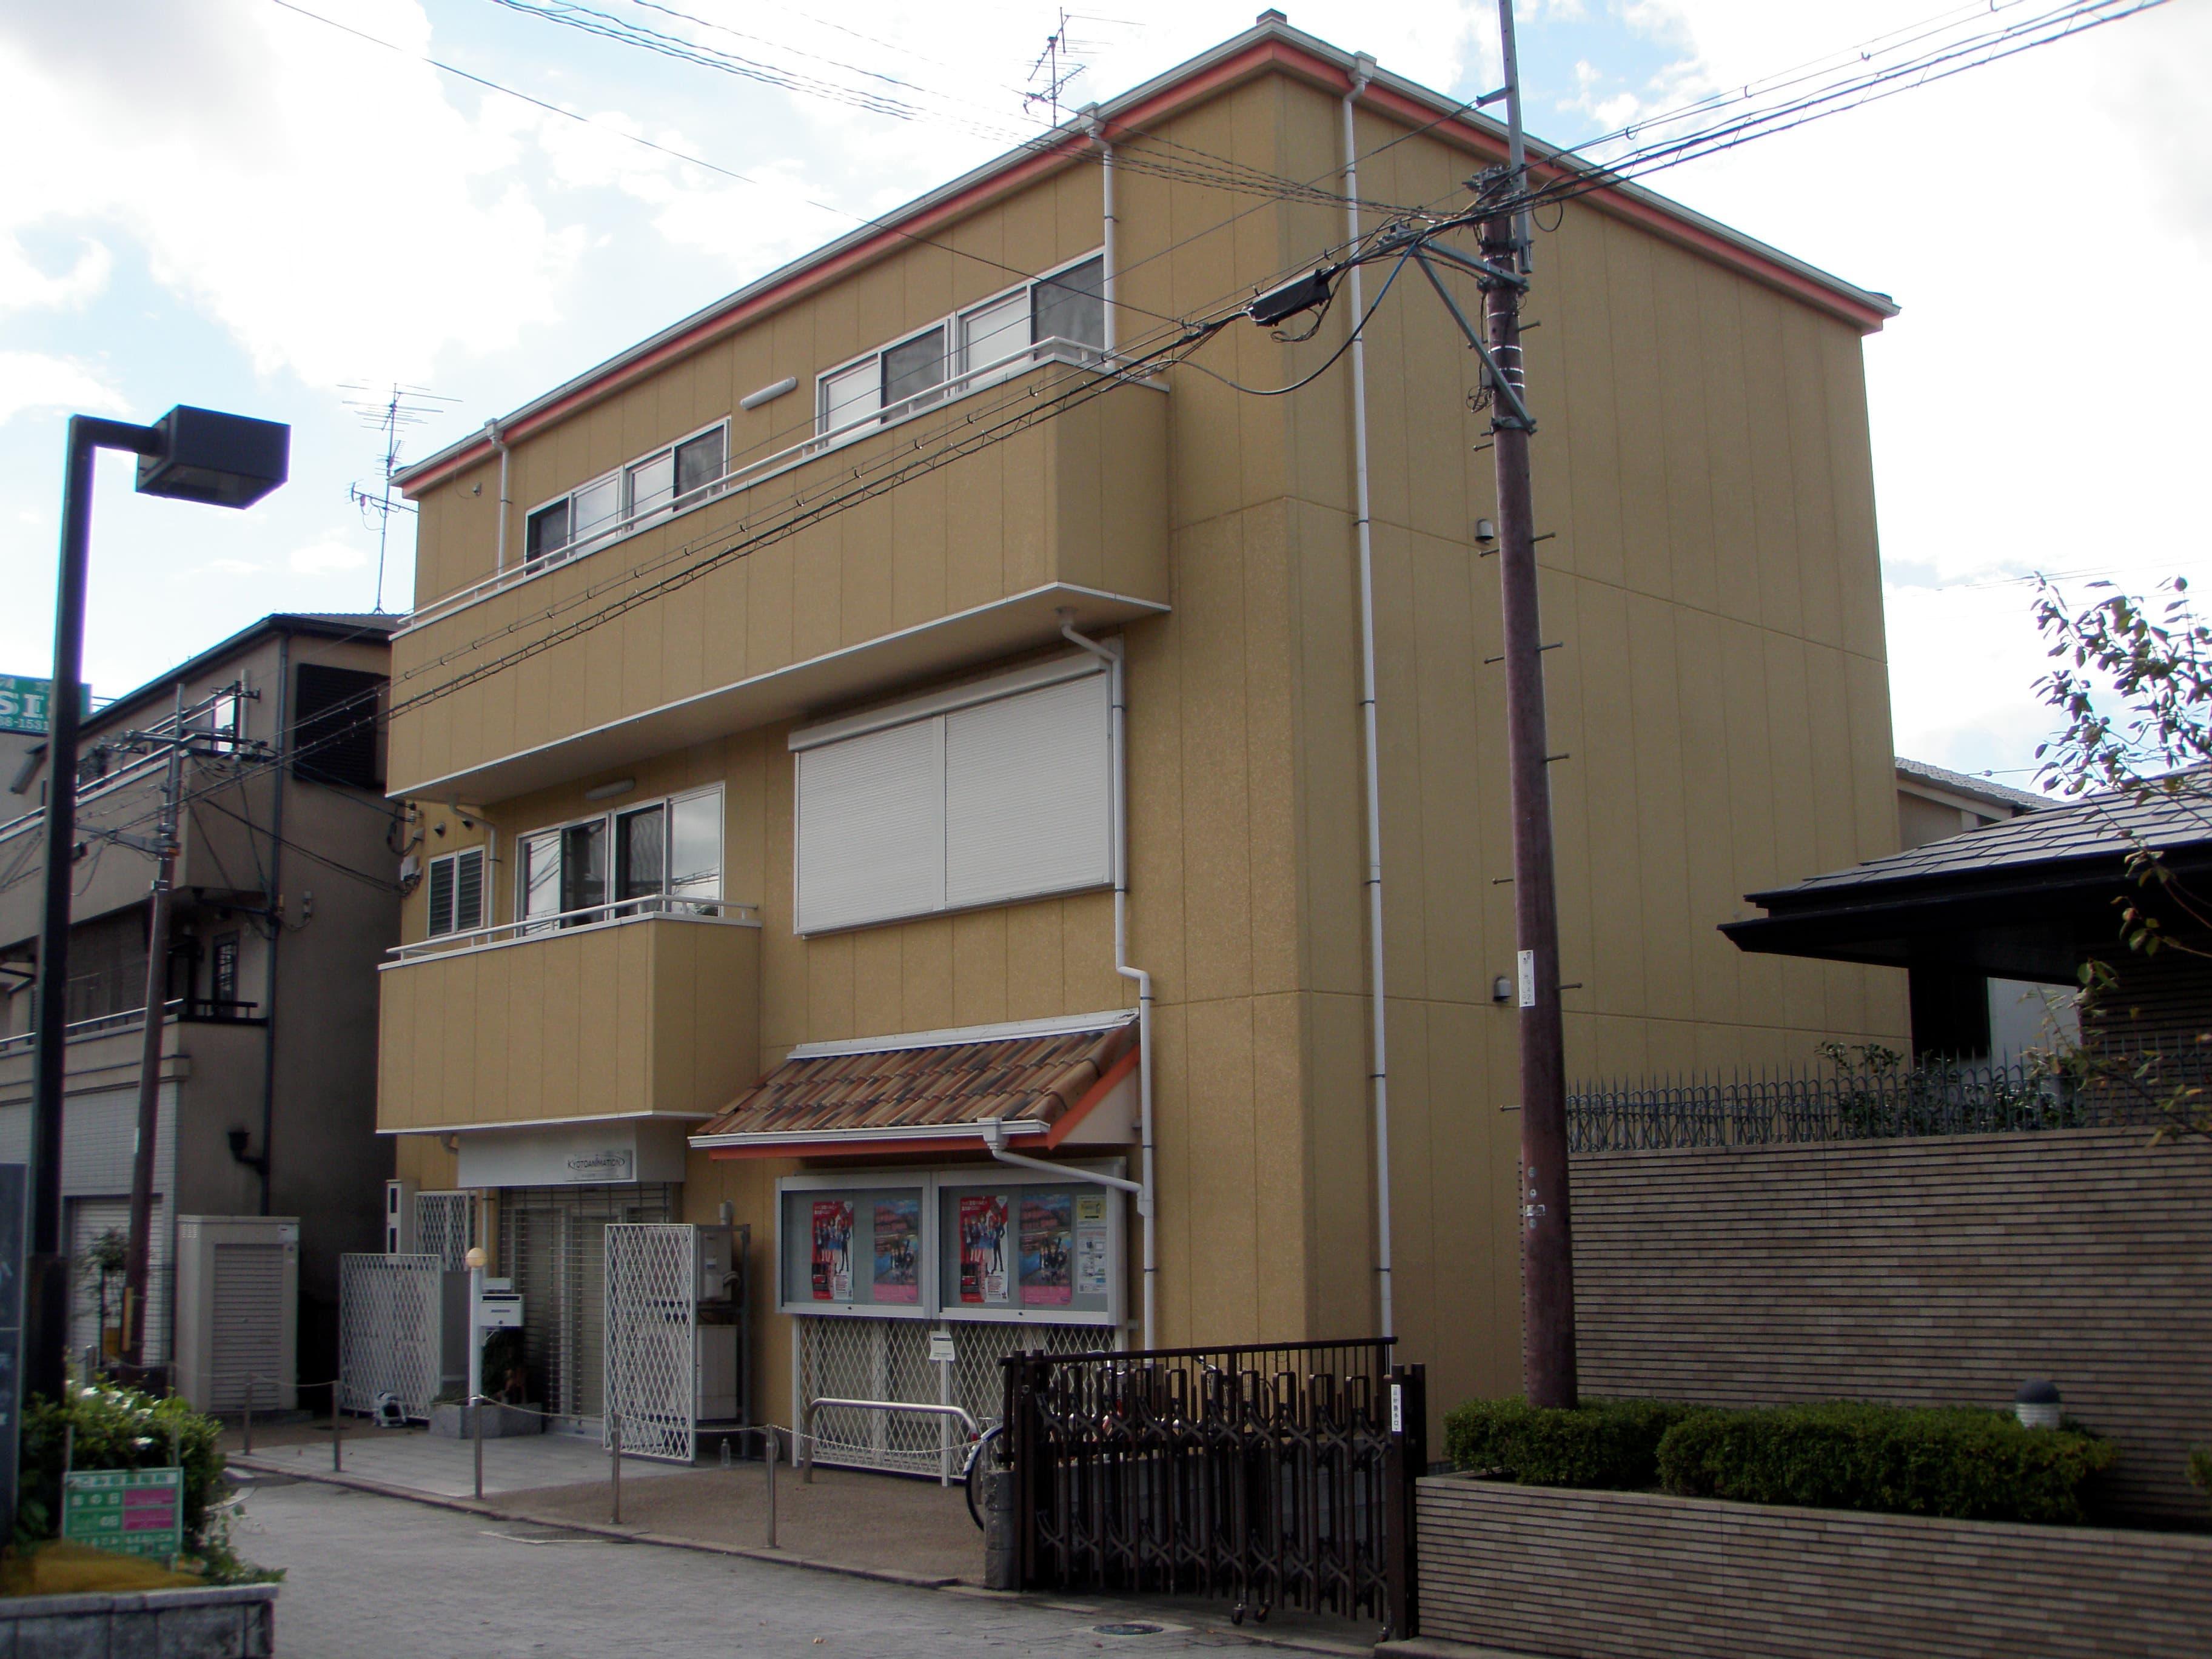 12 agencias de noticias de Kioto piden a la policía que revele los nombres de las 25 víctimas restantes del incendio KyoAni